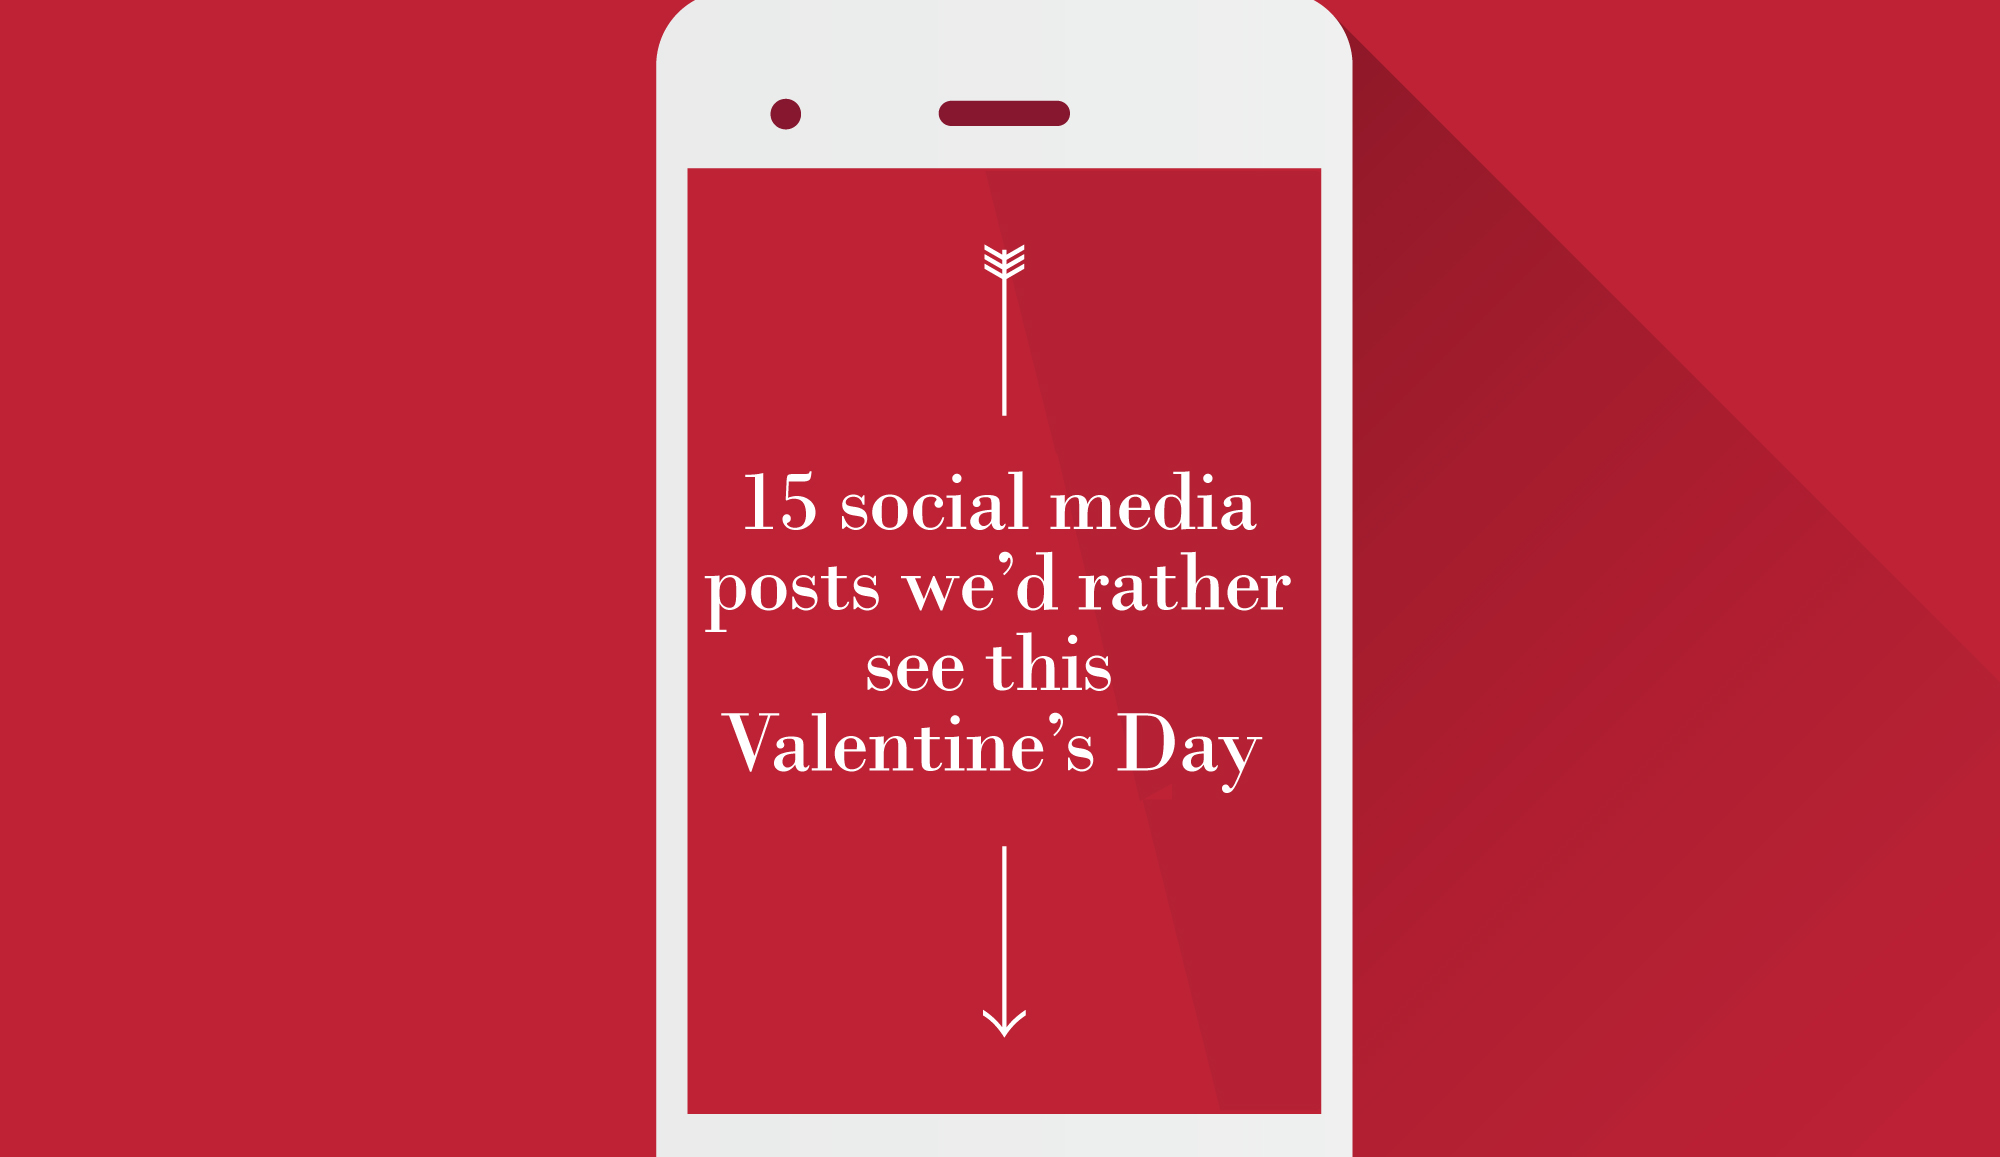 Valentines-social-media-posts